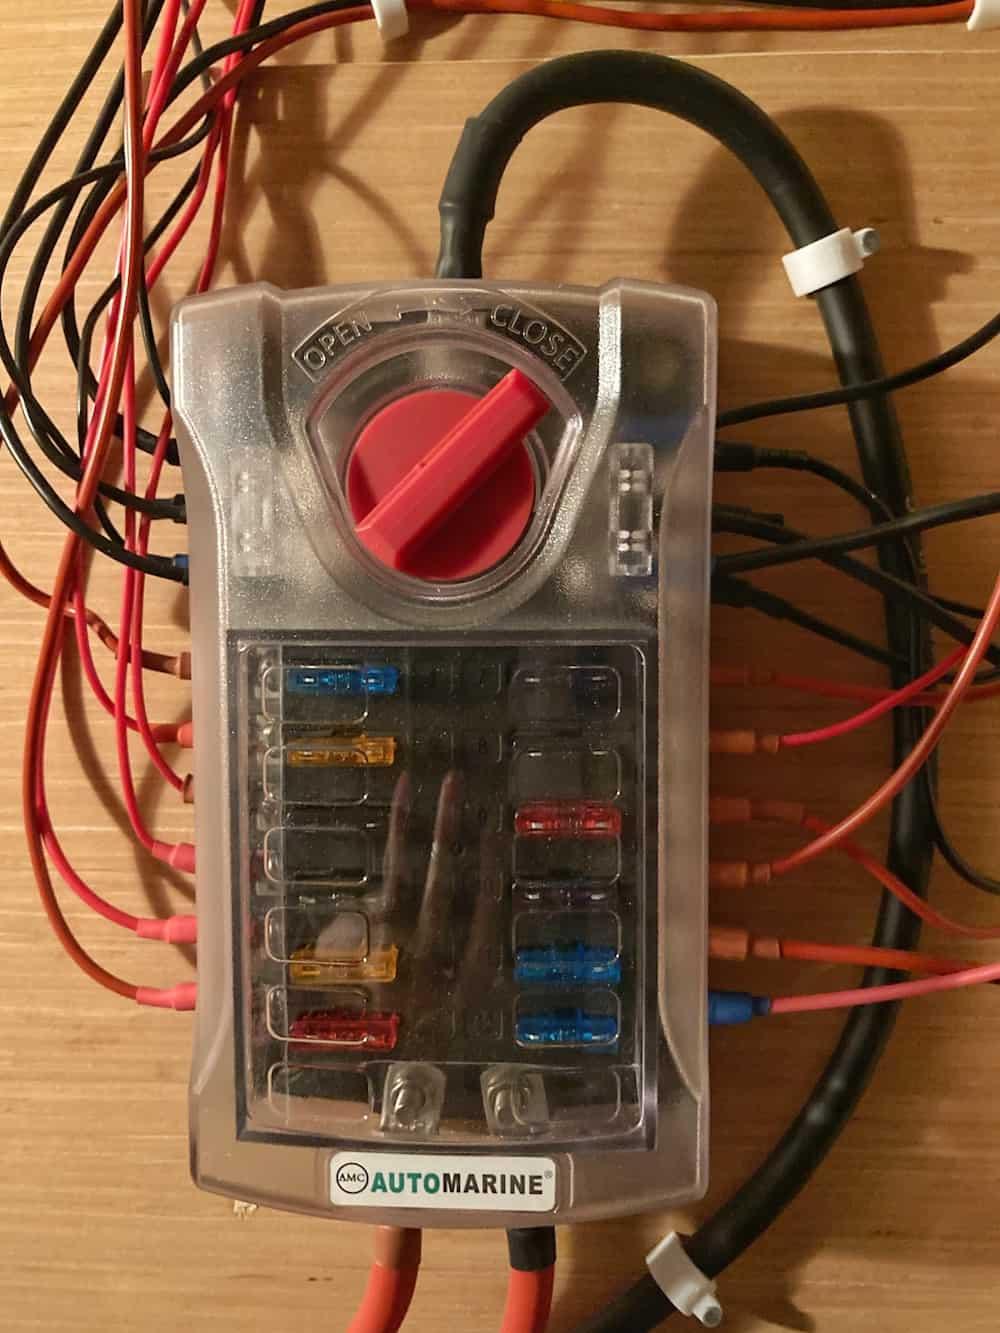 12 volt electrical system